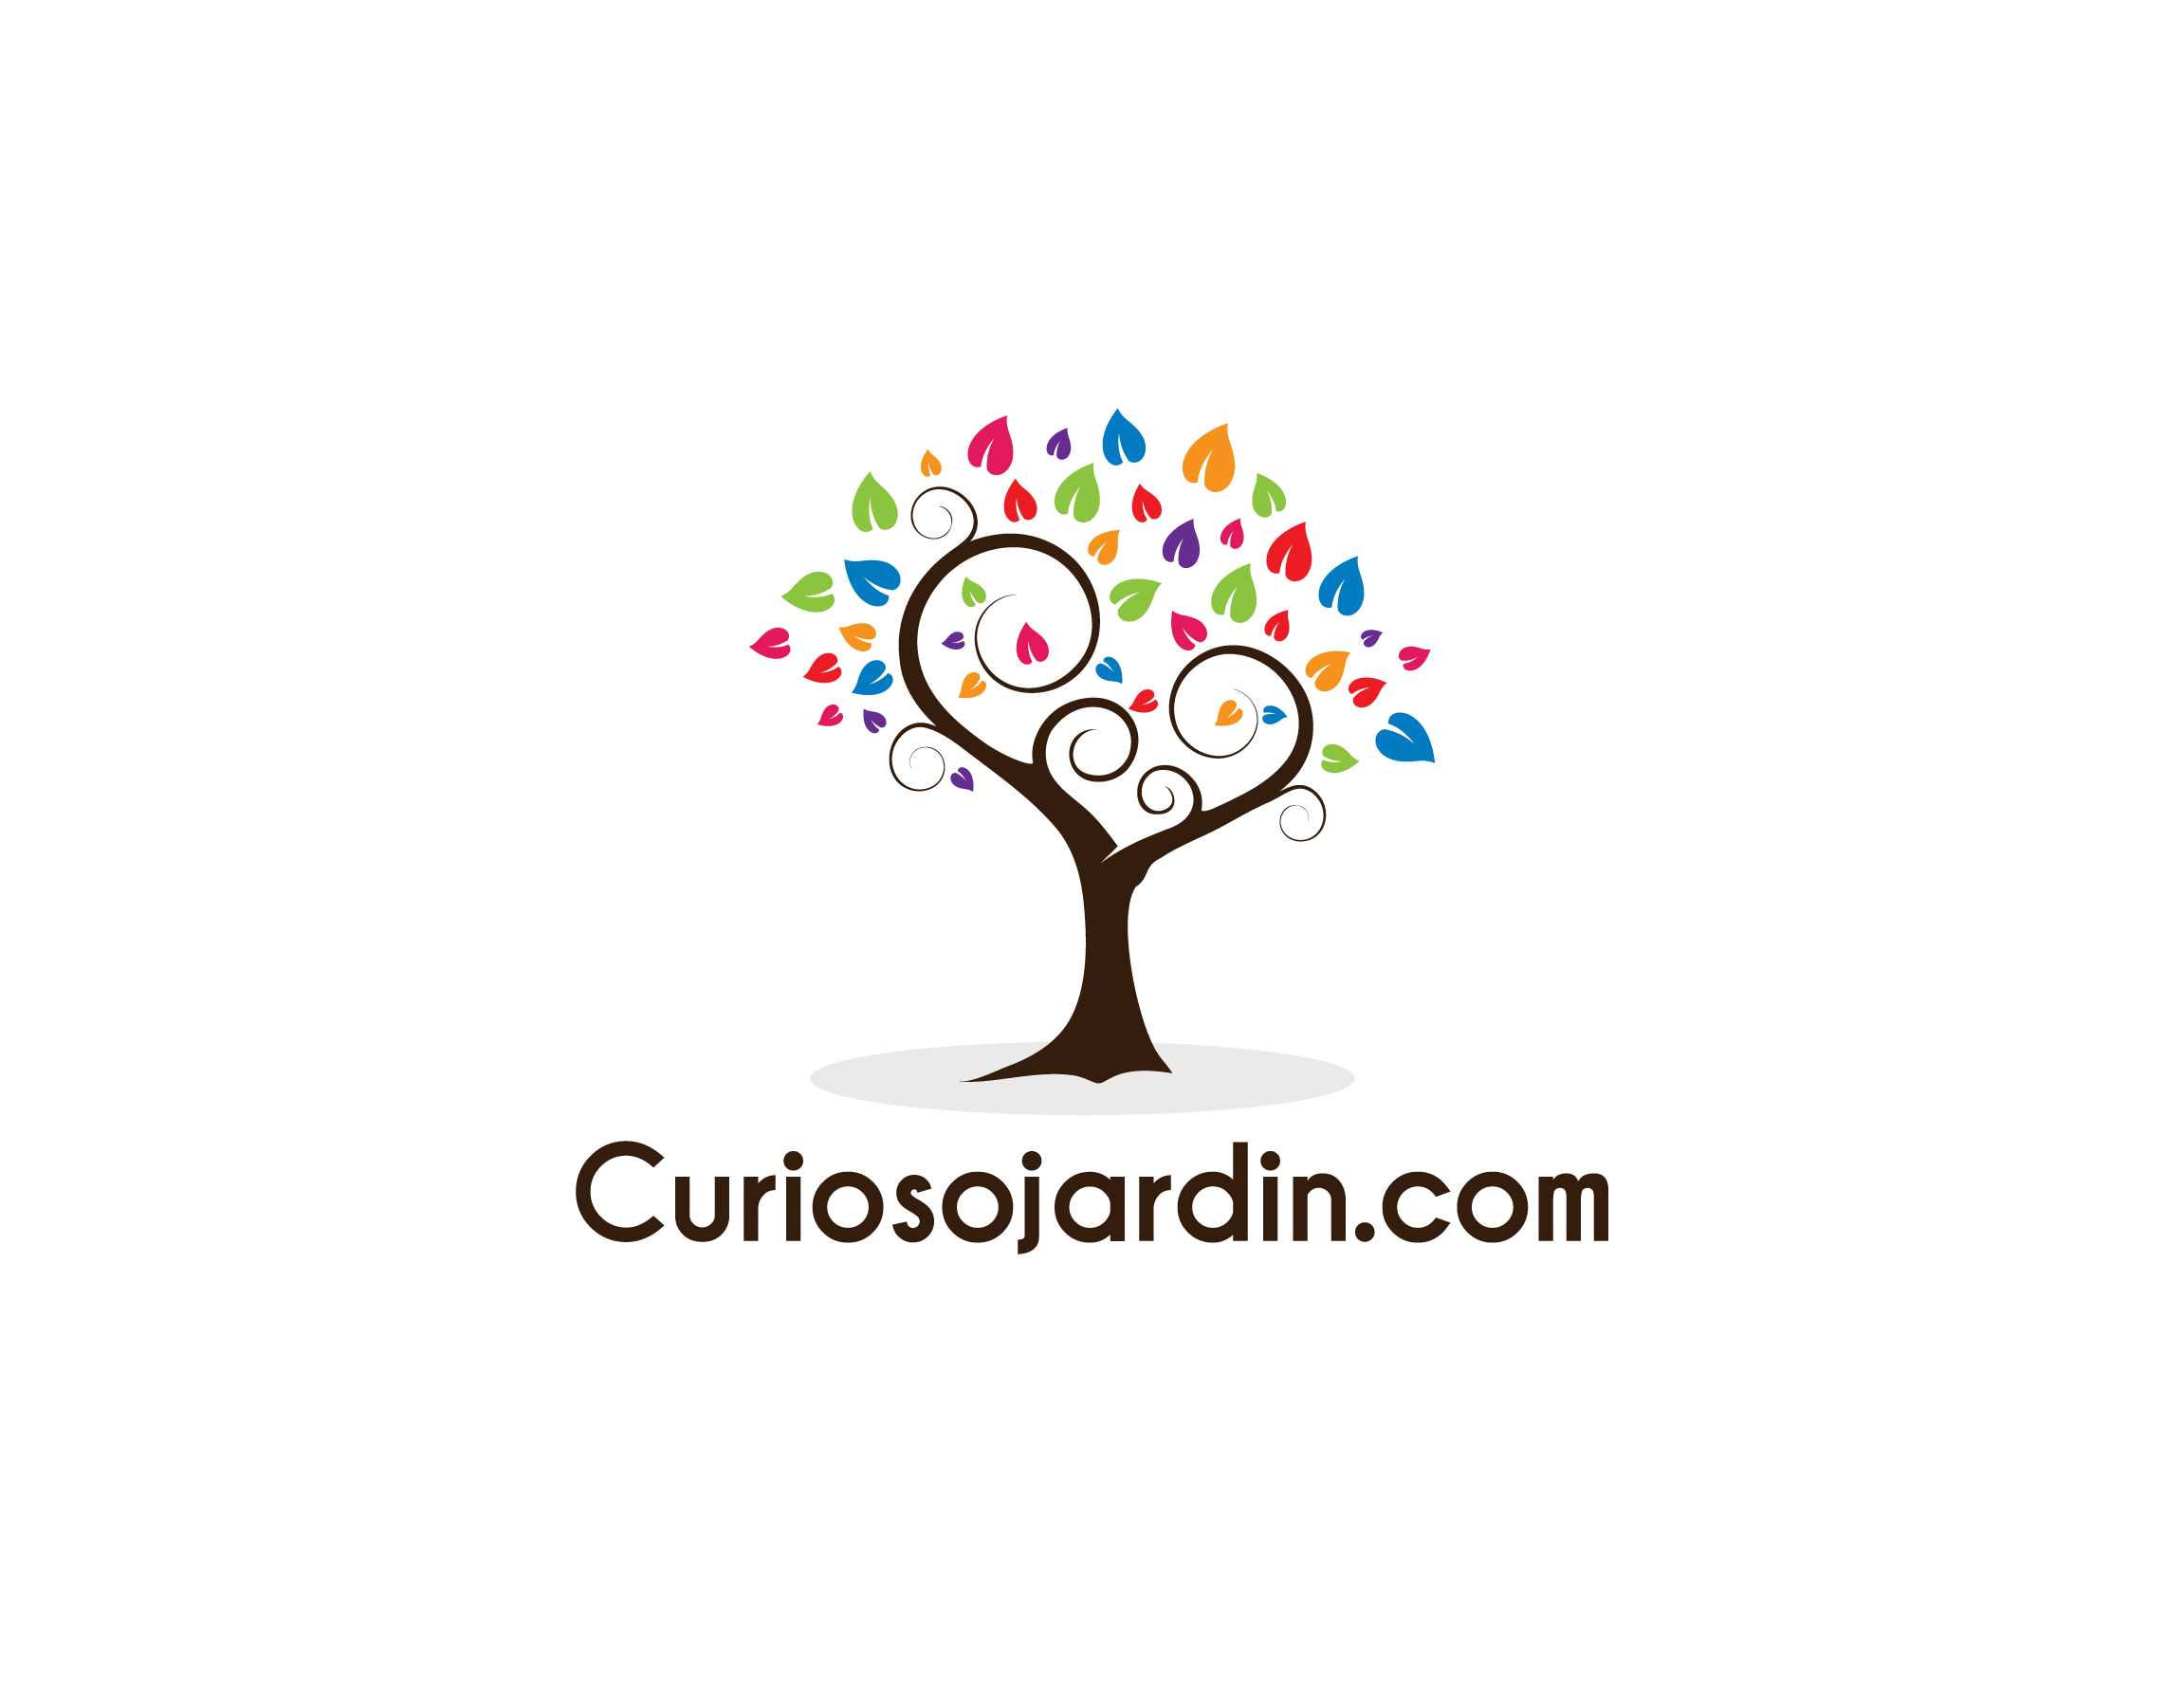 curiosojardin.com